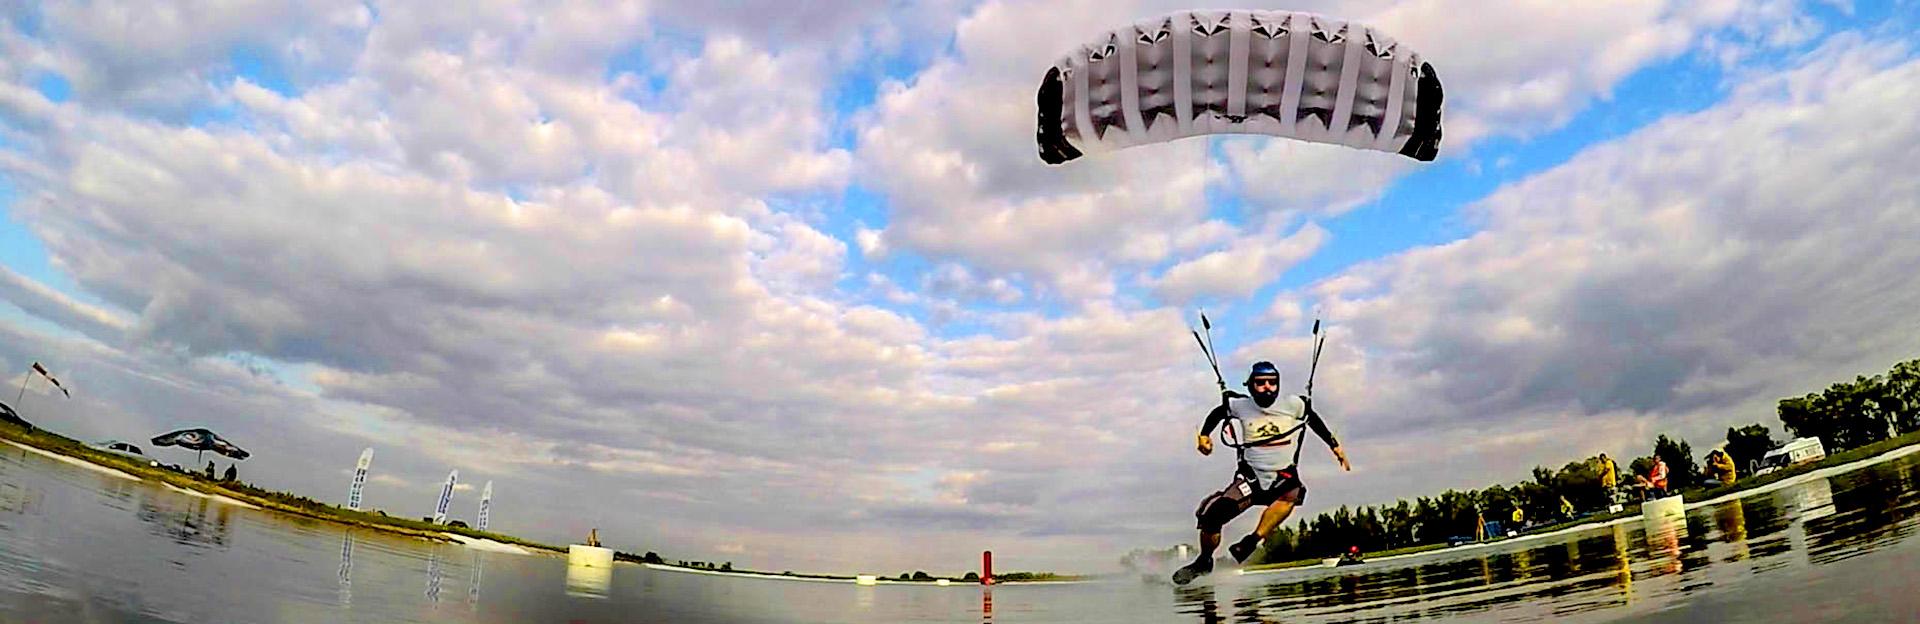 & www.aerograd.ru/images/pages/swoop1.jpg